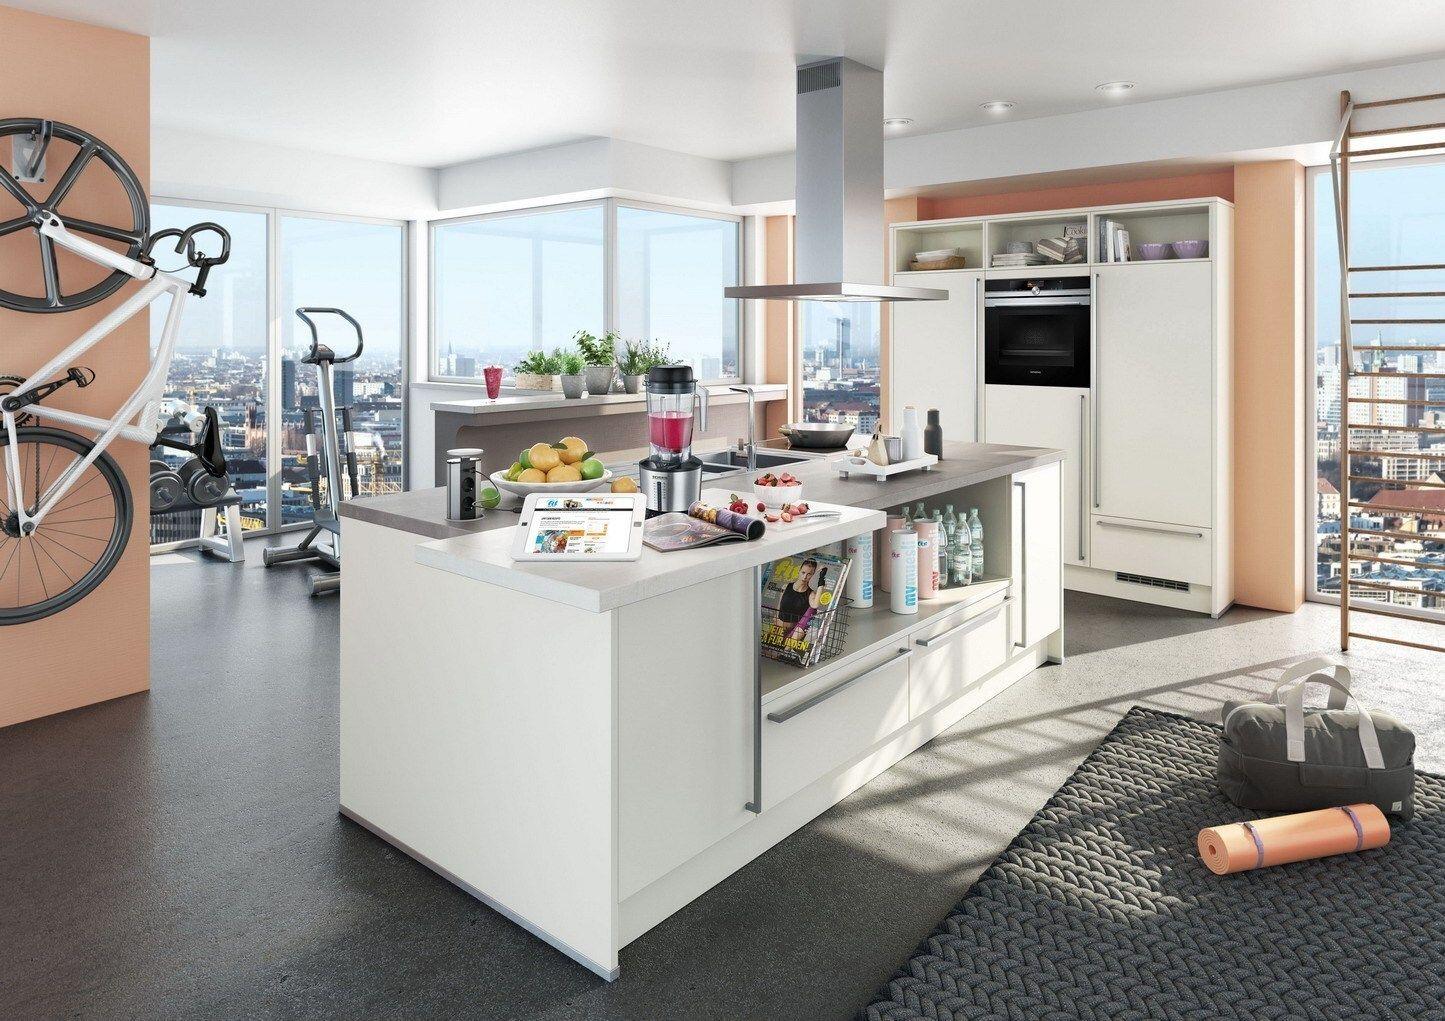 Full Size of Küchenmöbel Otto Versand Kchenmbel 2020 Kchen Mbel Wohnzimmer Küchenmöbel